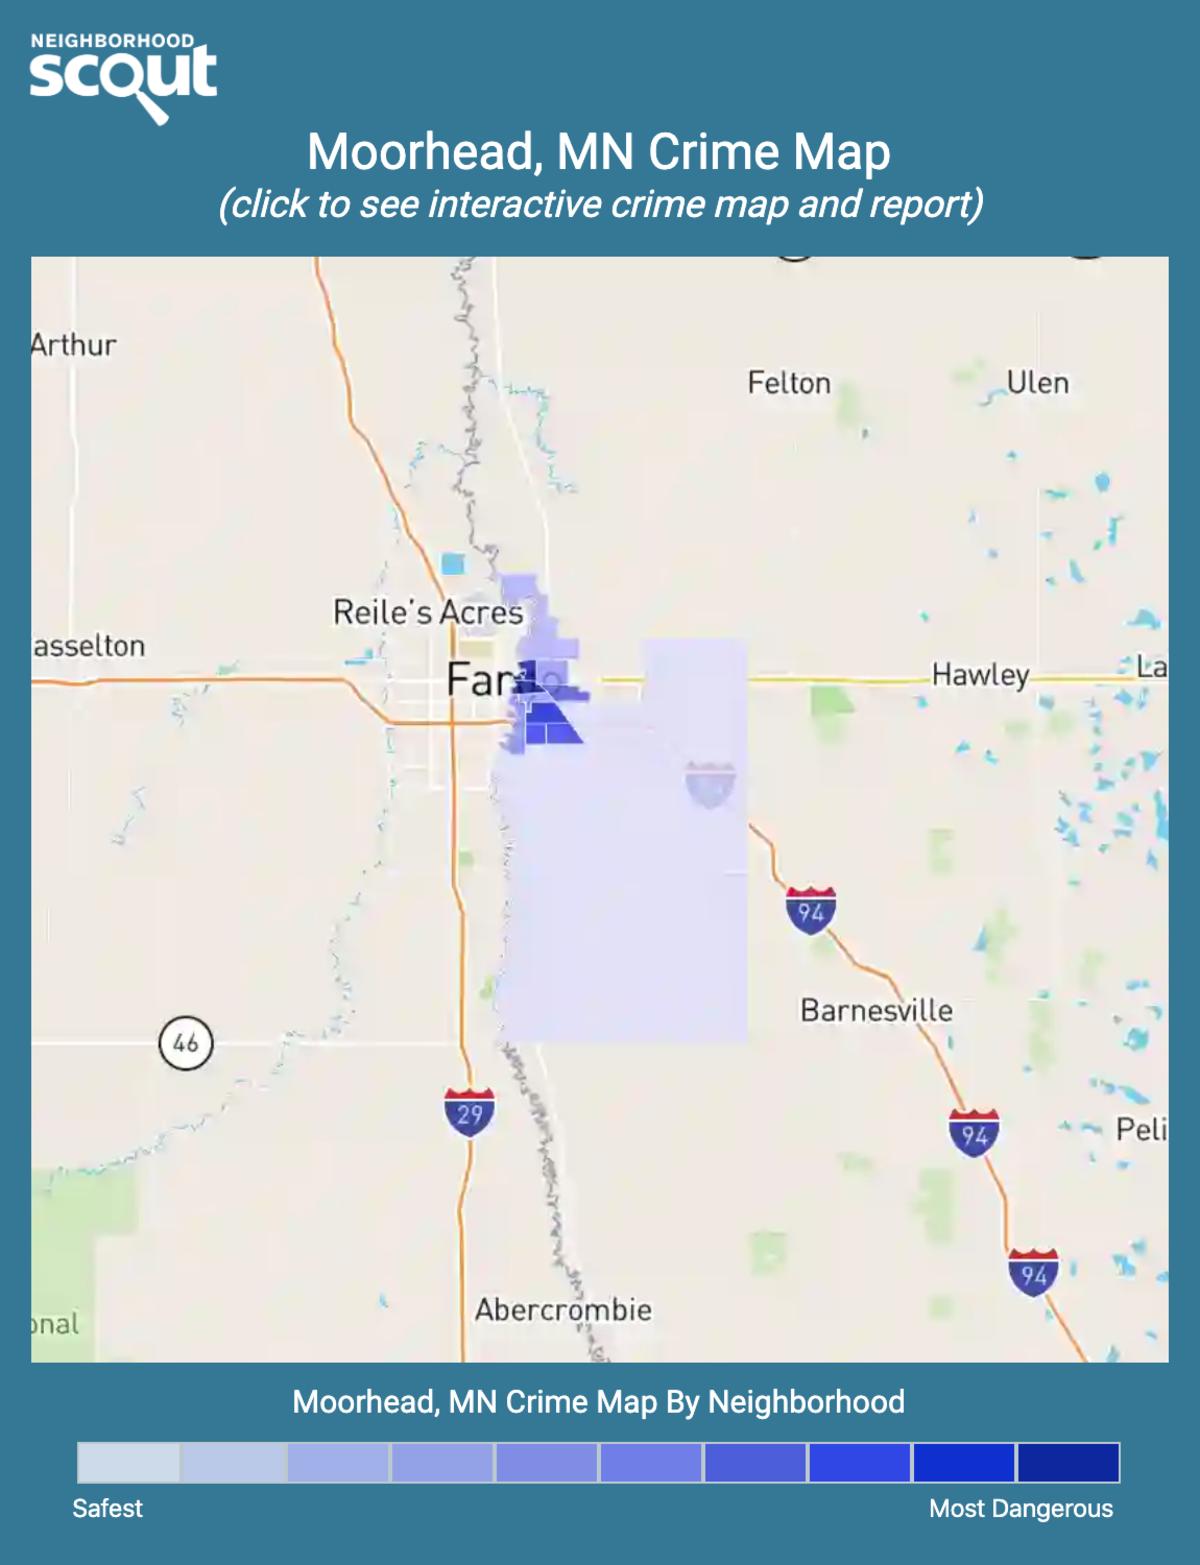 Moorhead, Minnesota crime map